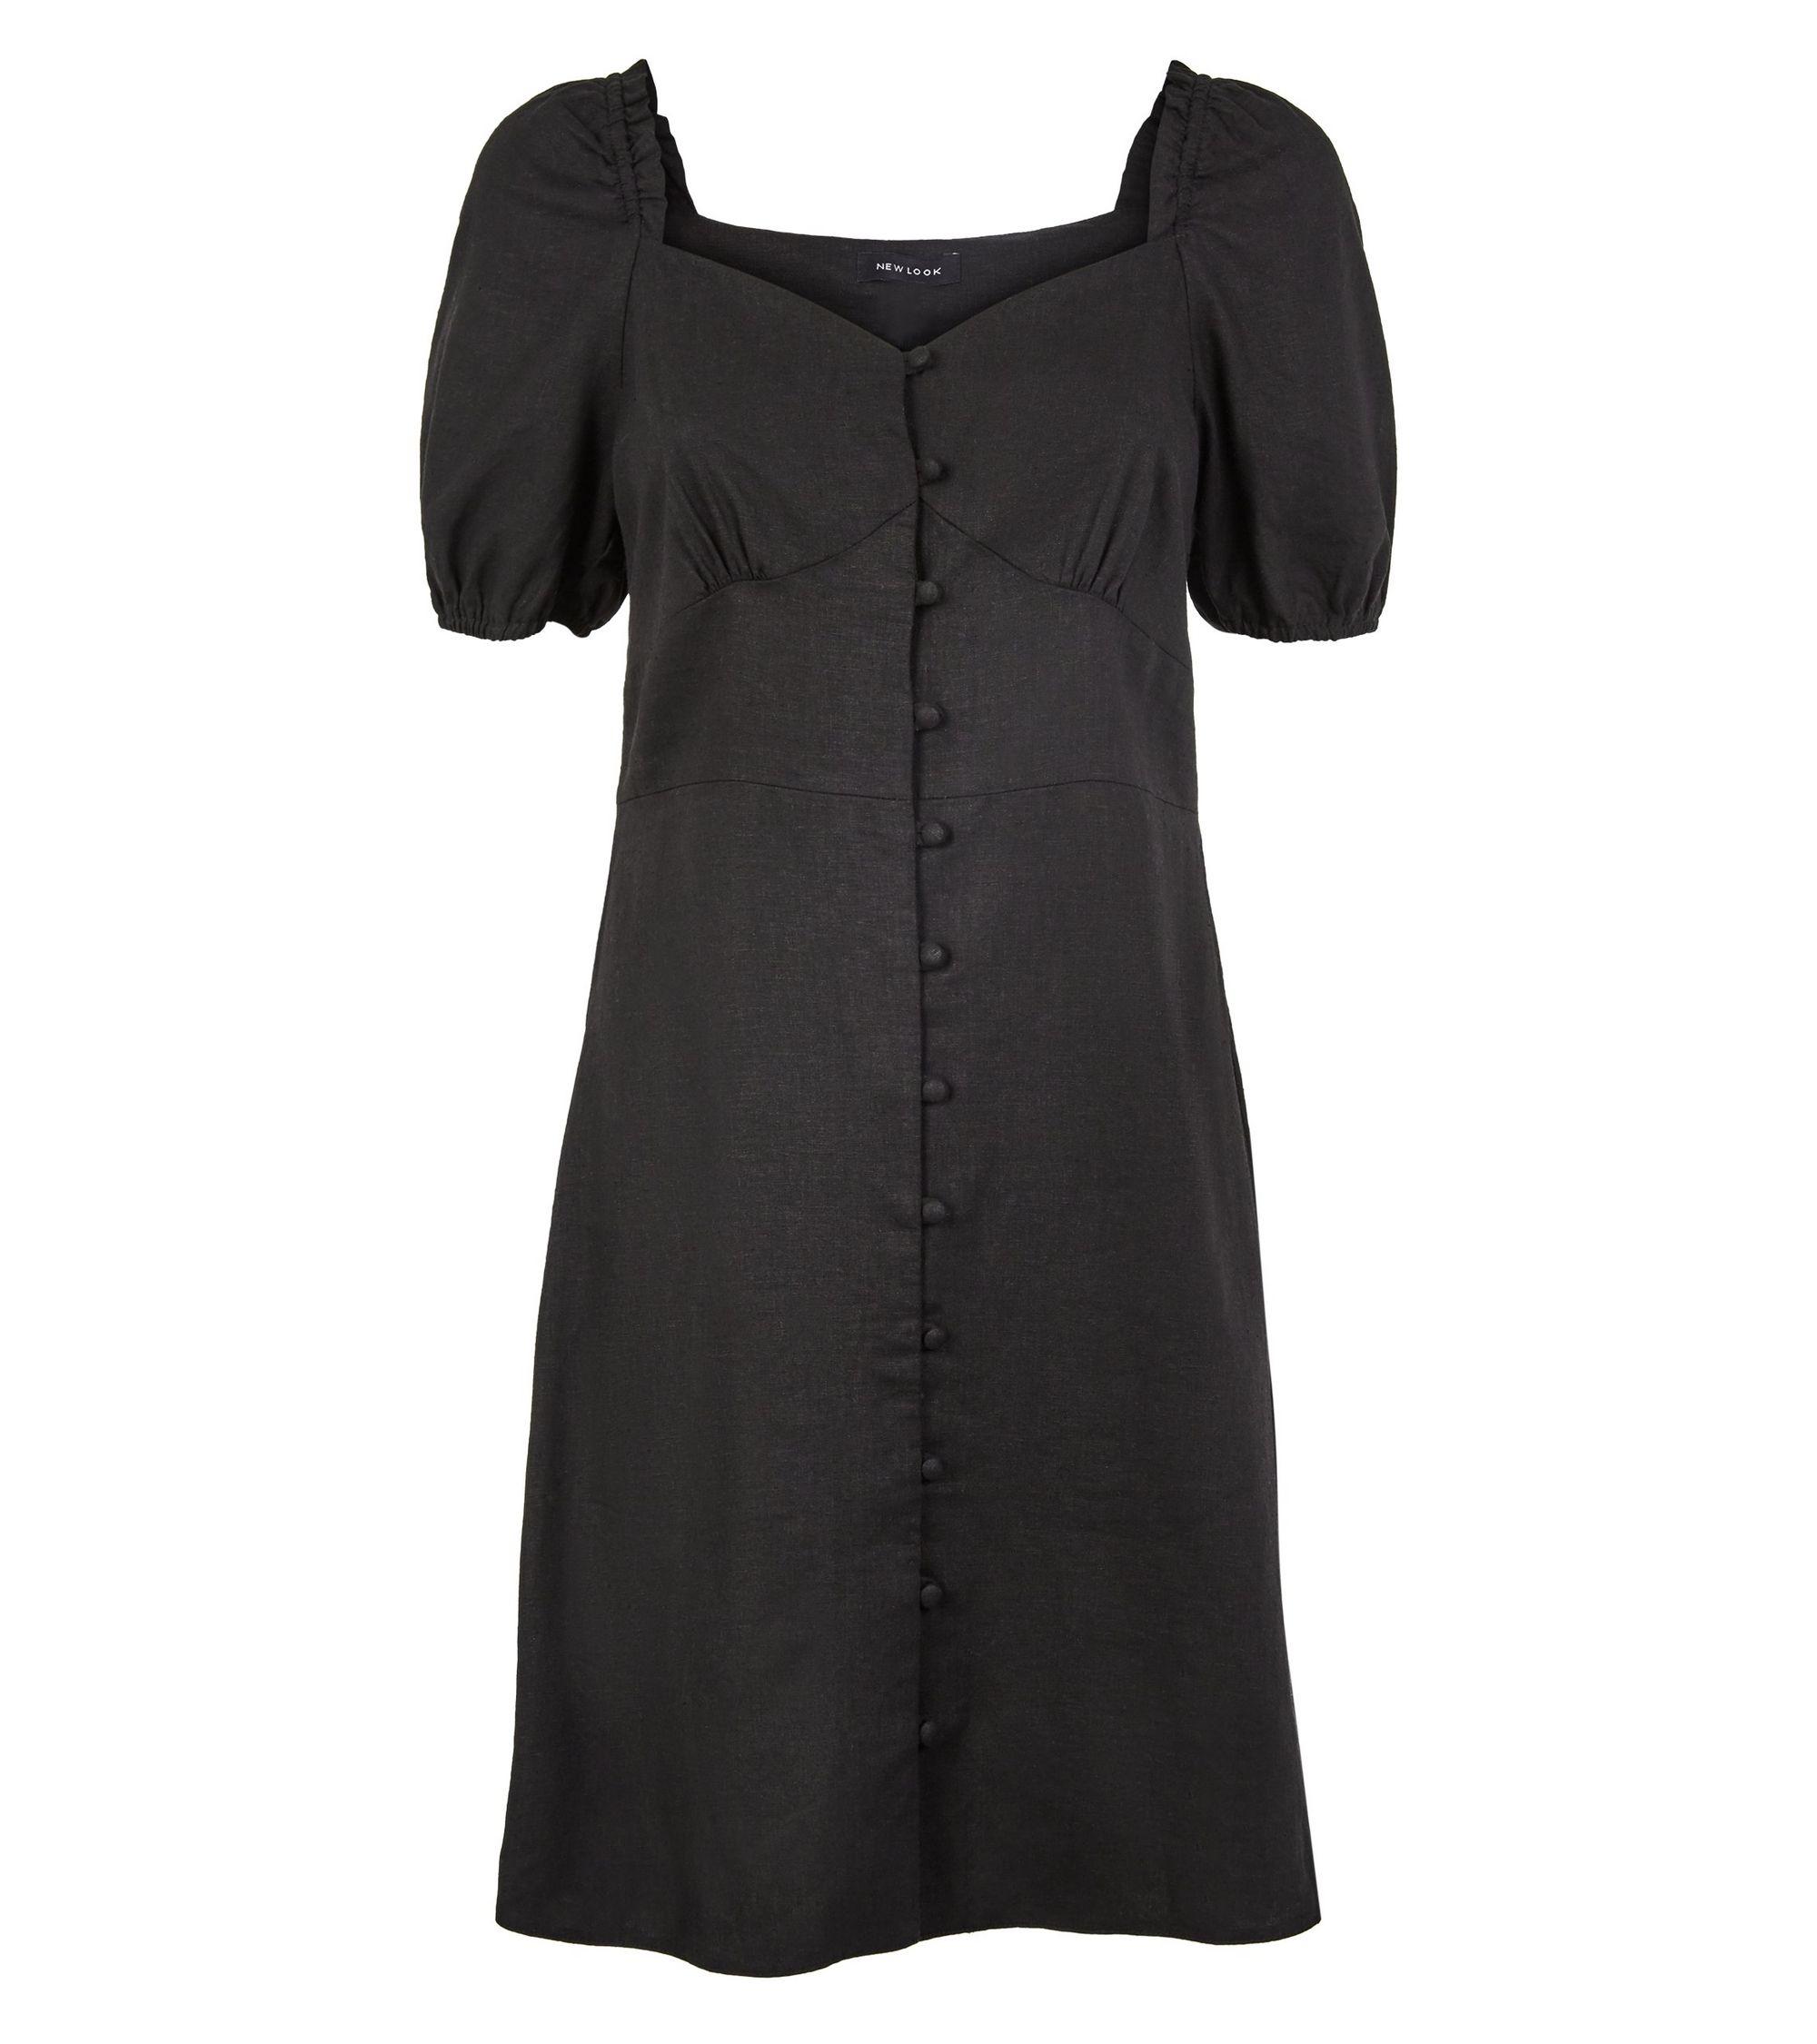 b19901d05a New Look linen blend button up milkmaid dress at £22.99